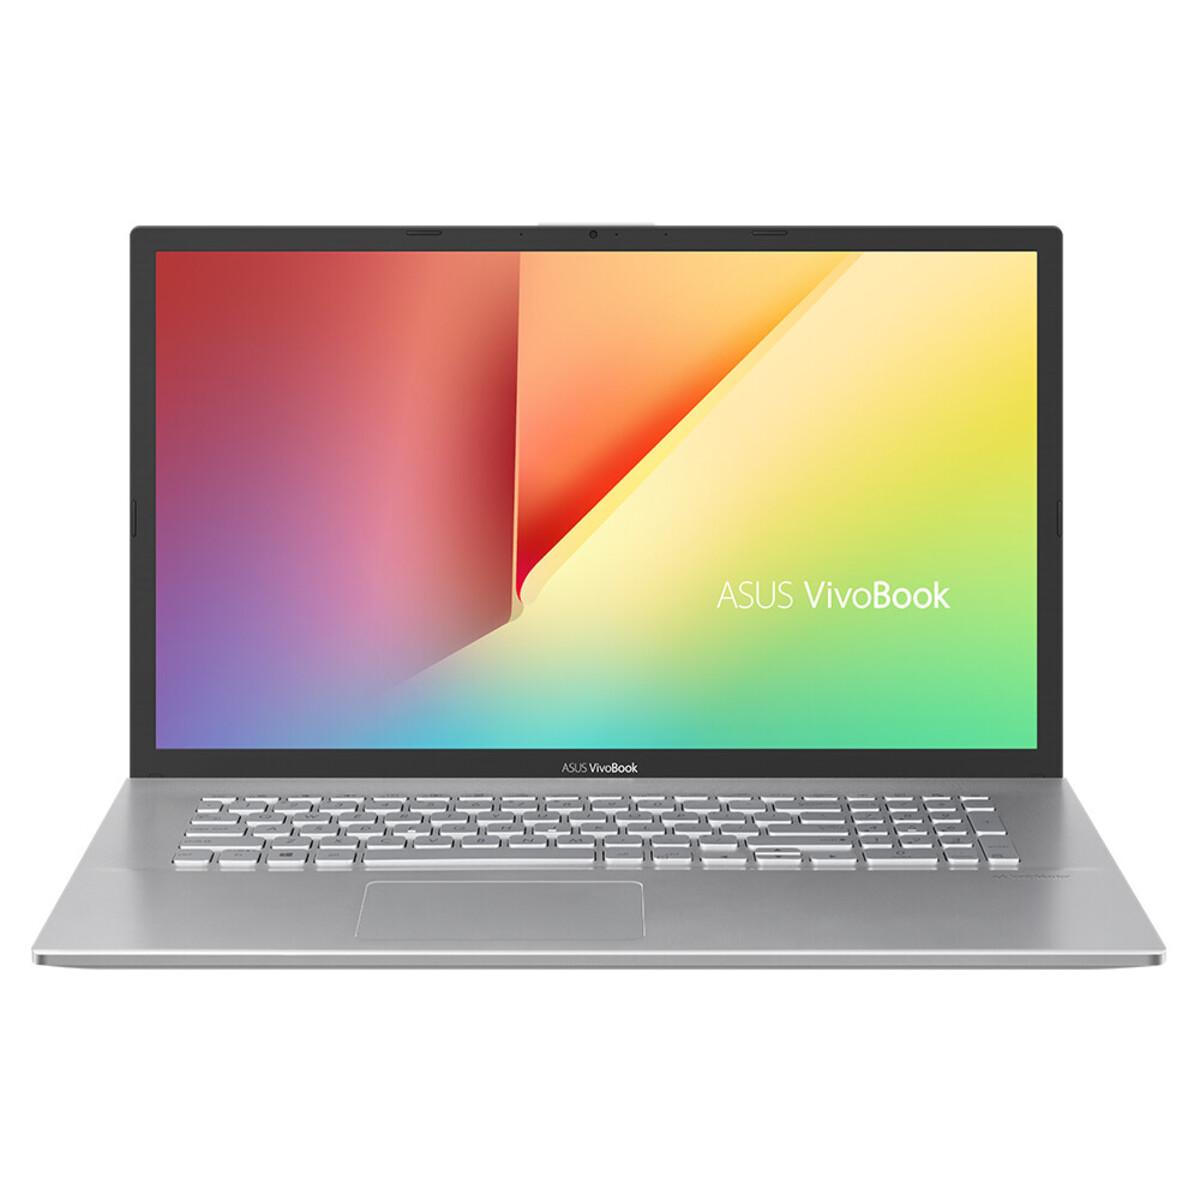 Bild 1 von ASUS VivoBook 17 F712JA-BX273T silber Notebook (17,3 HD+ matt, Core i3-1005G1, 8 GB RAM, 512 GB SSD, Intel UHD, Windows 10 Home)